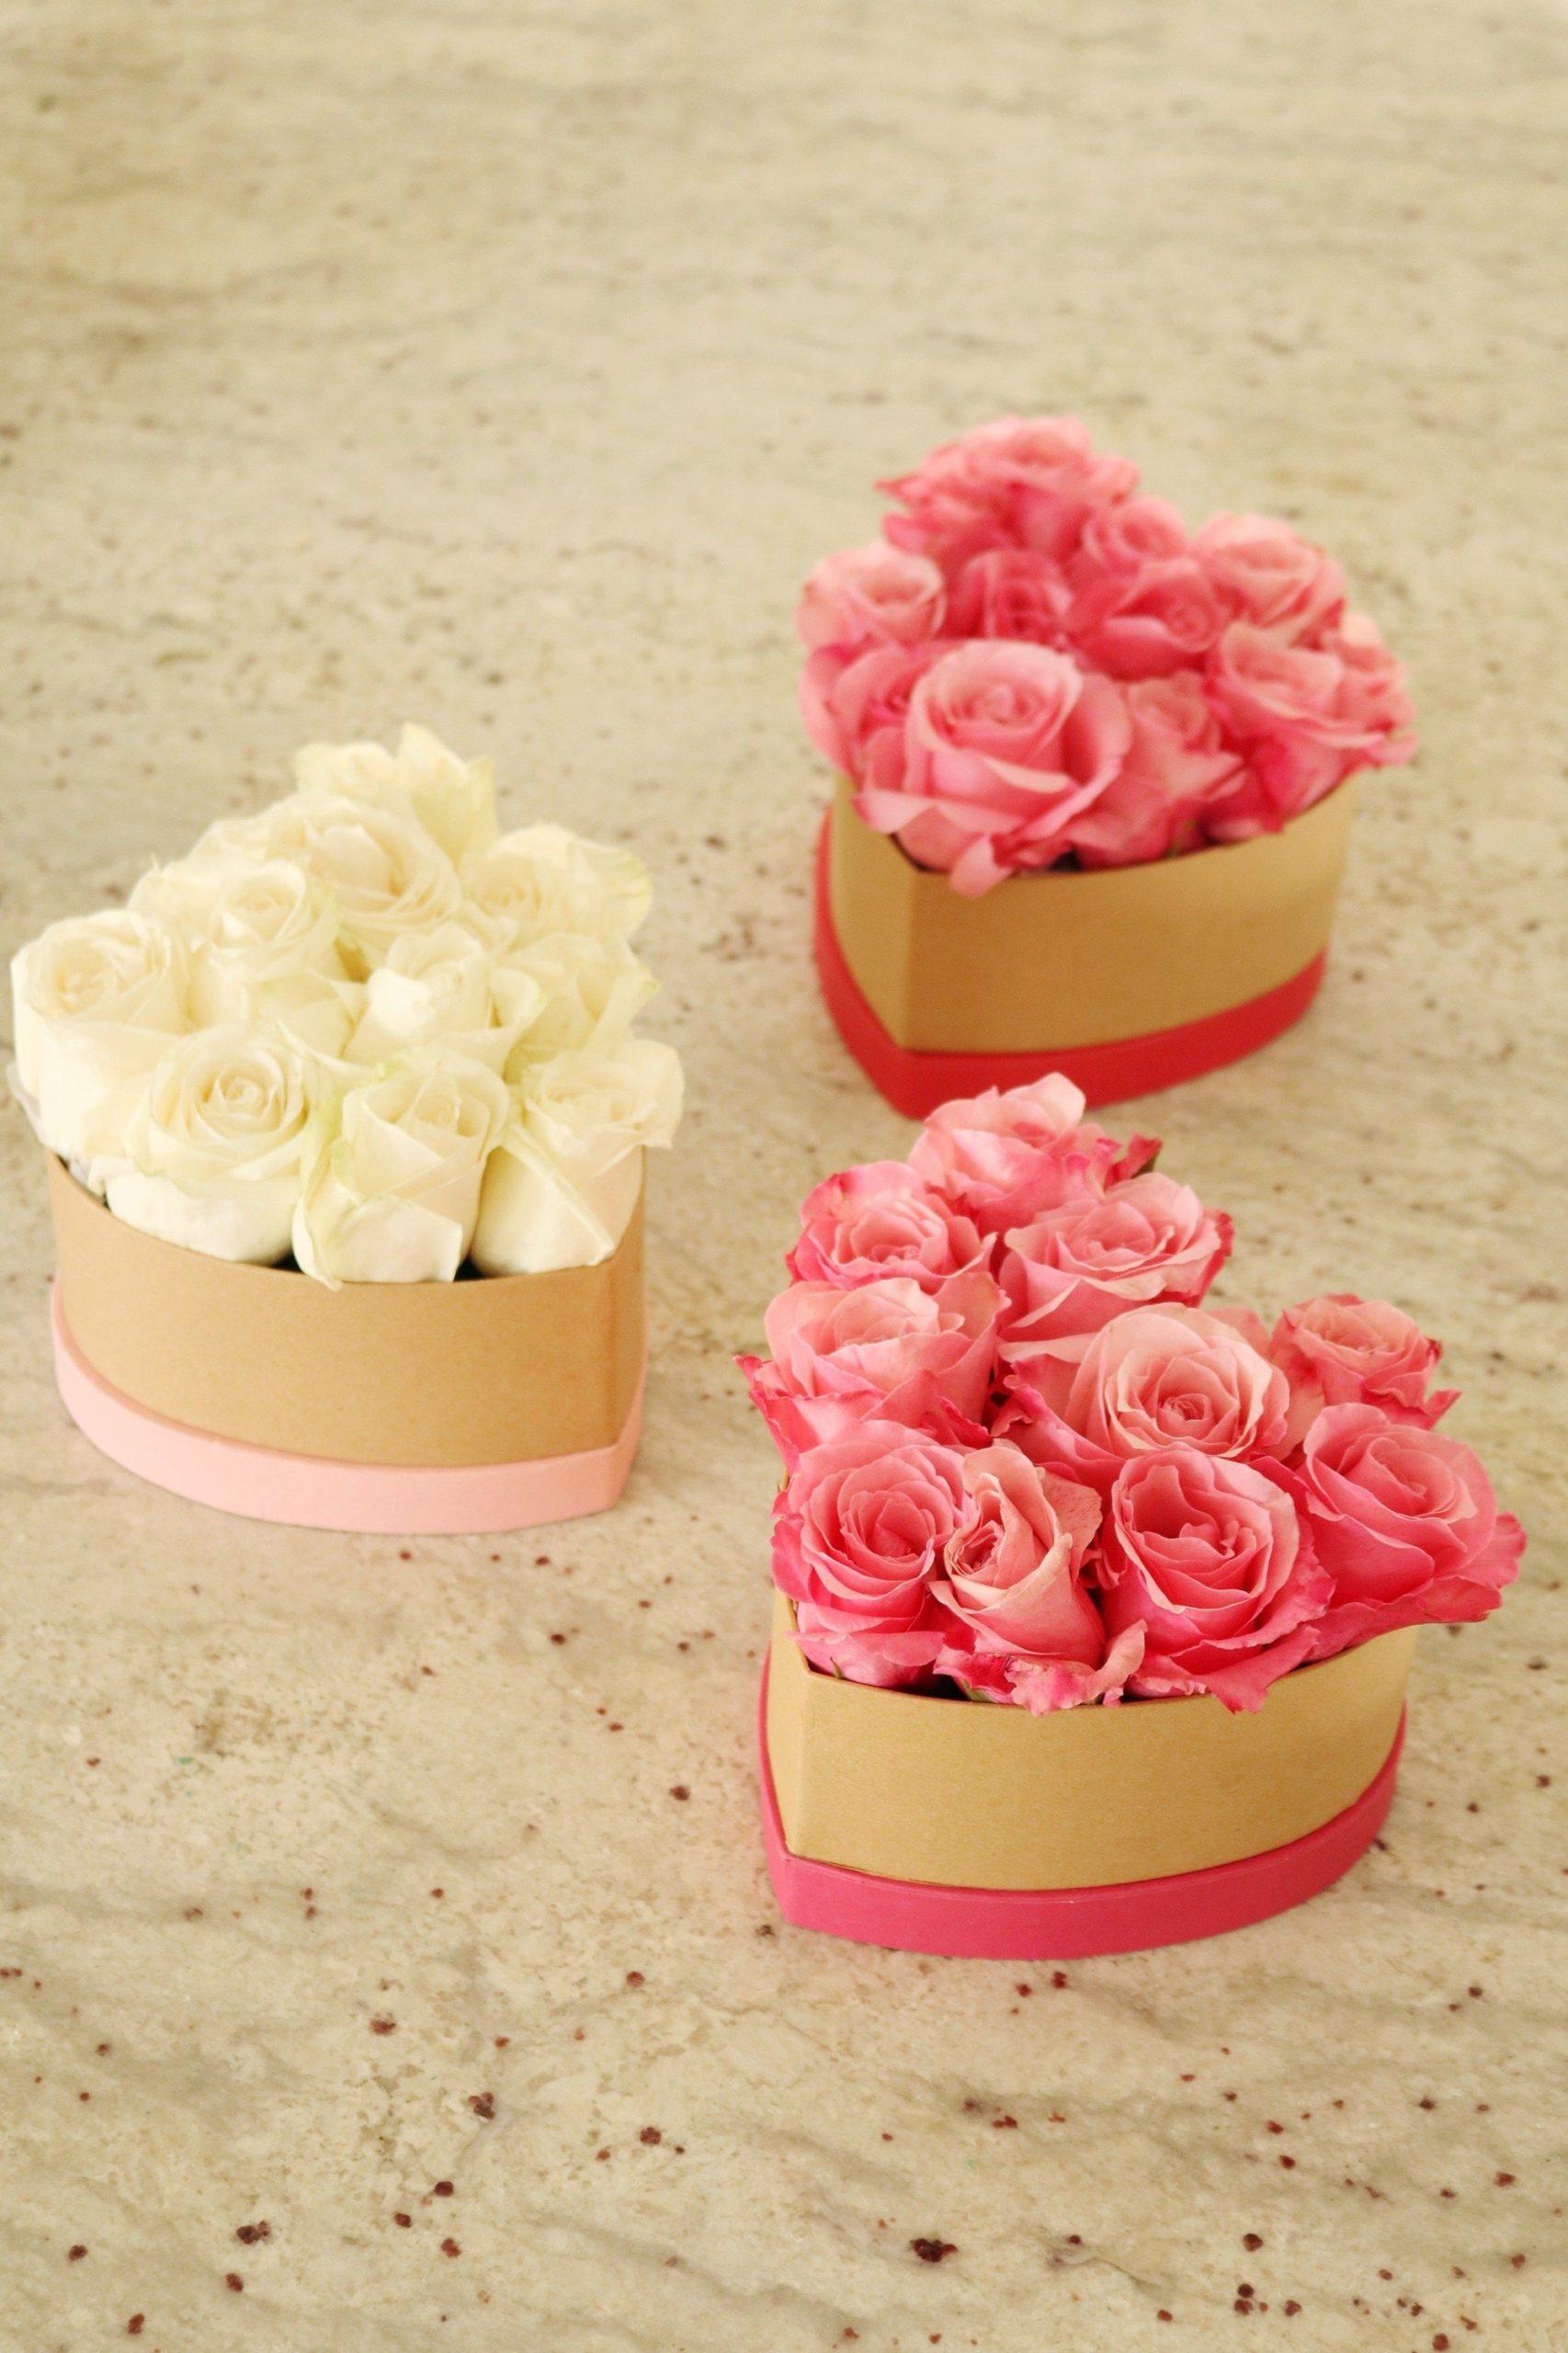 Box cadeau pour la Saint-Valentin: bouquet de roses en forme de coeur.